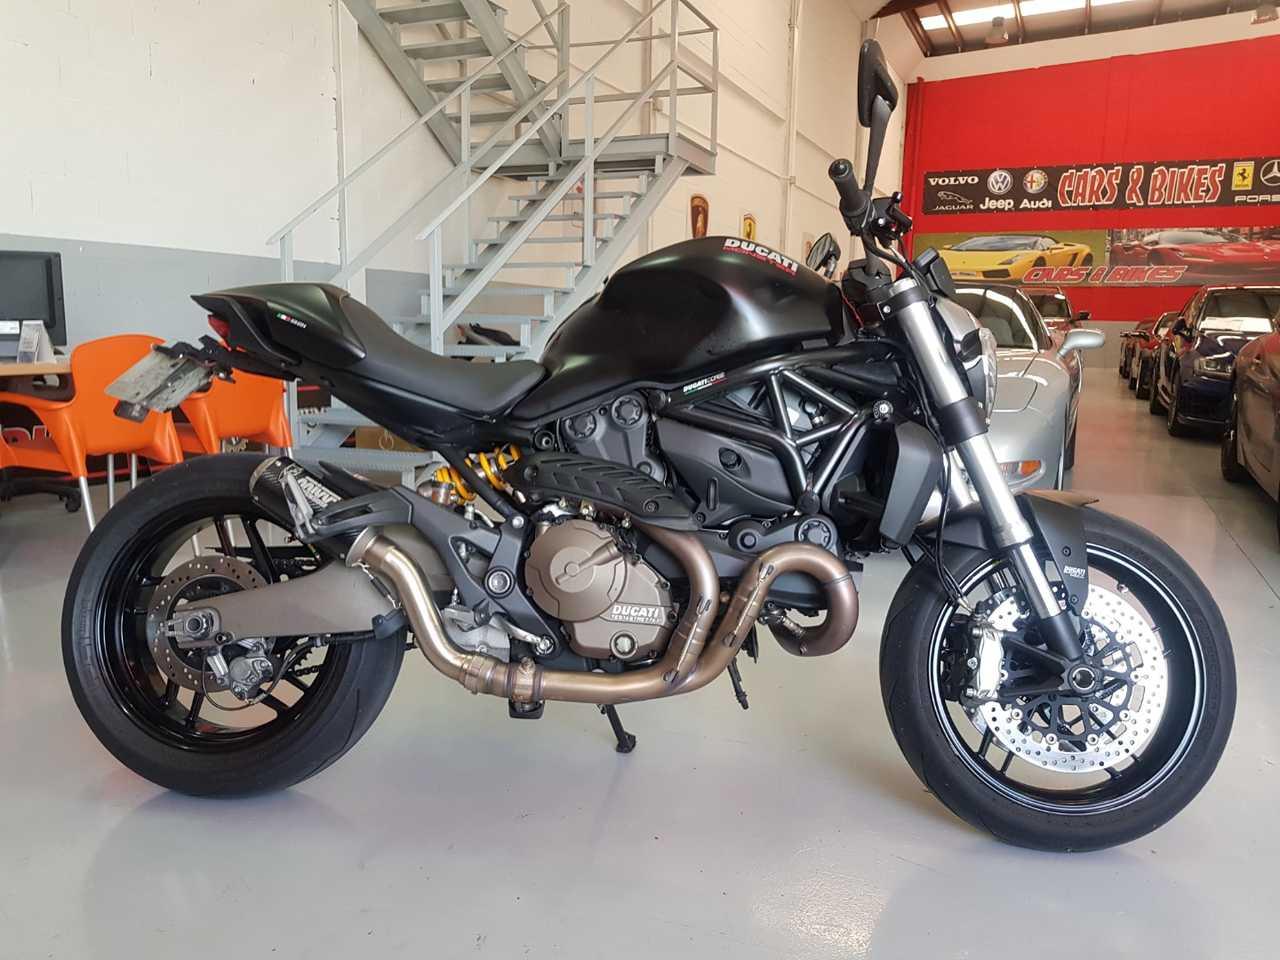 Ducati Monster 821 DARK  - Foto 1